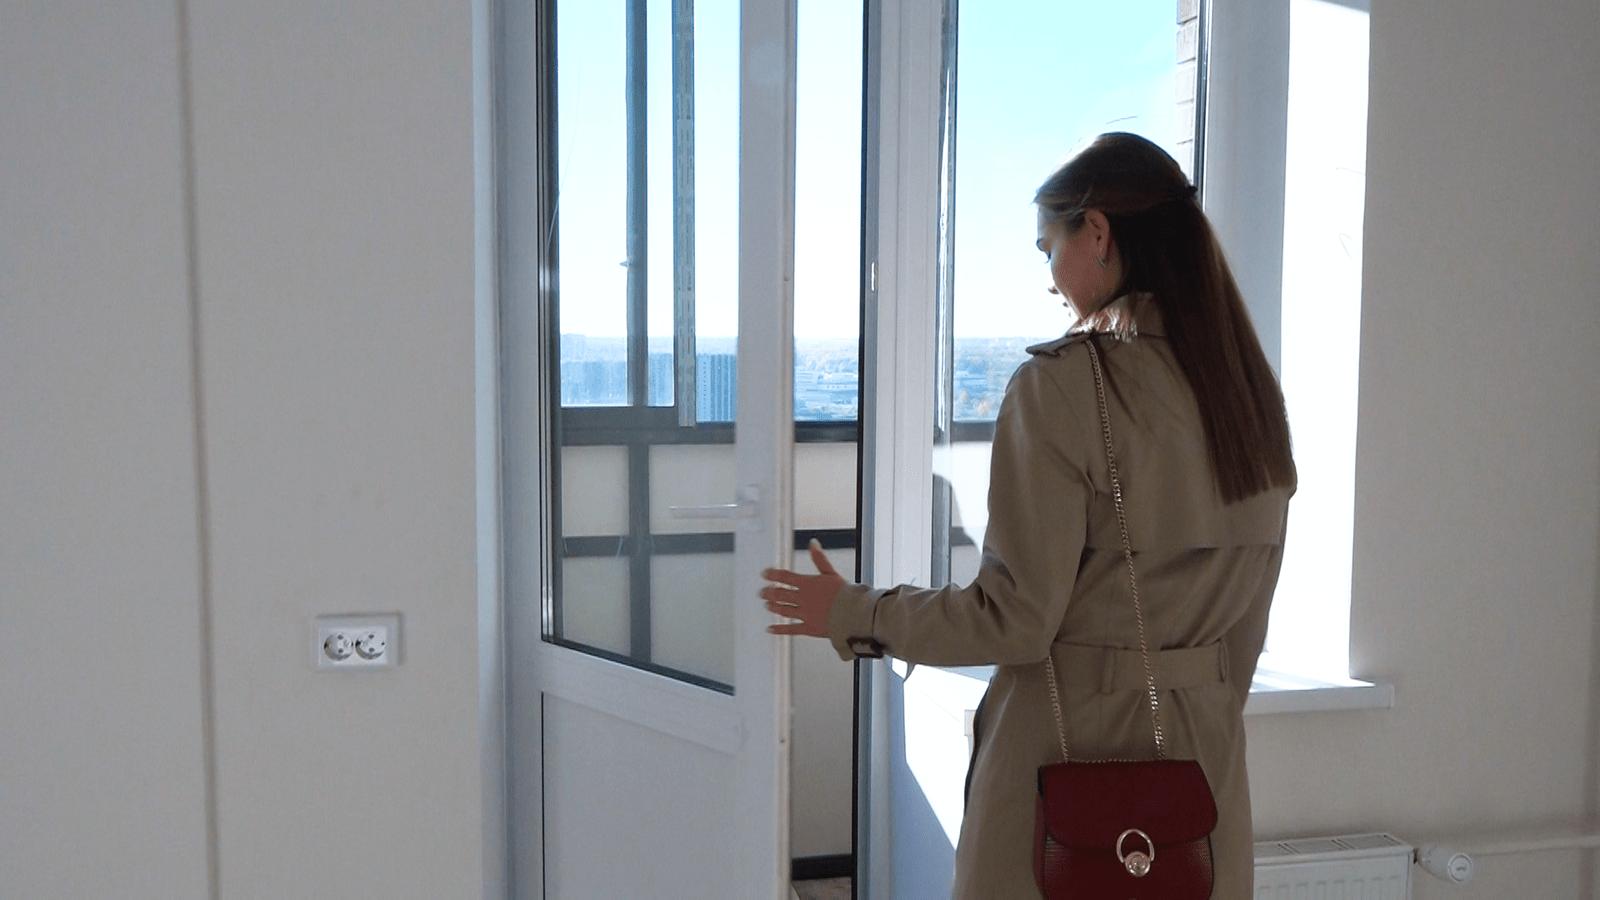 Первые 100 собственников получили ключи от новых квартир в ЖК «Большое Путилково» в Красногорске | Изображение 2